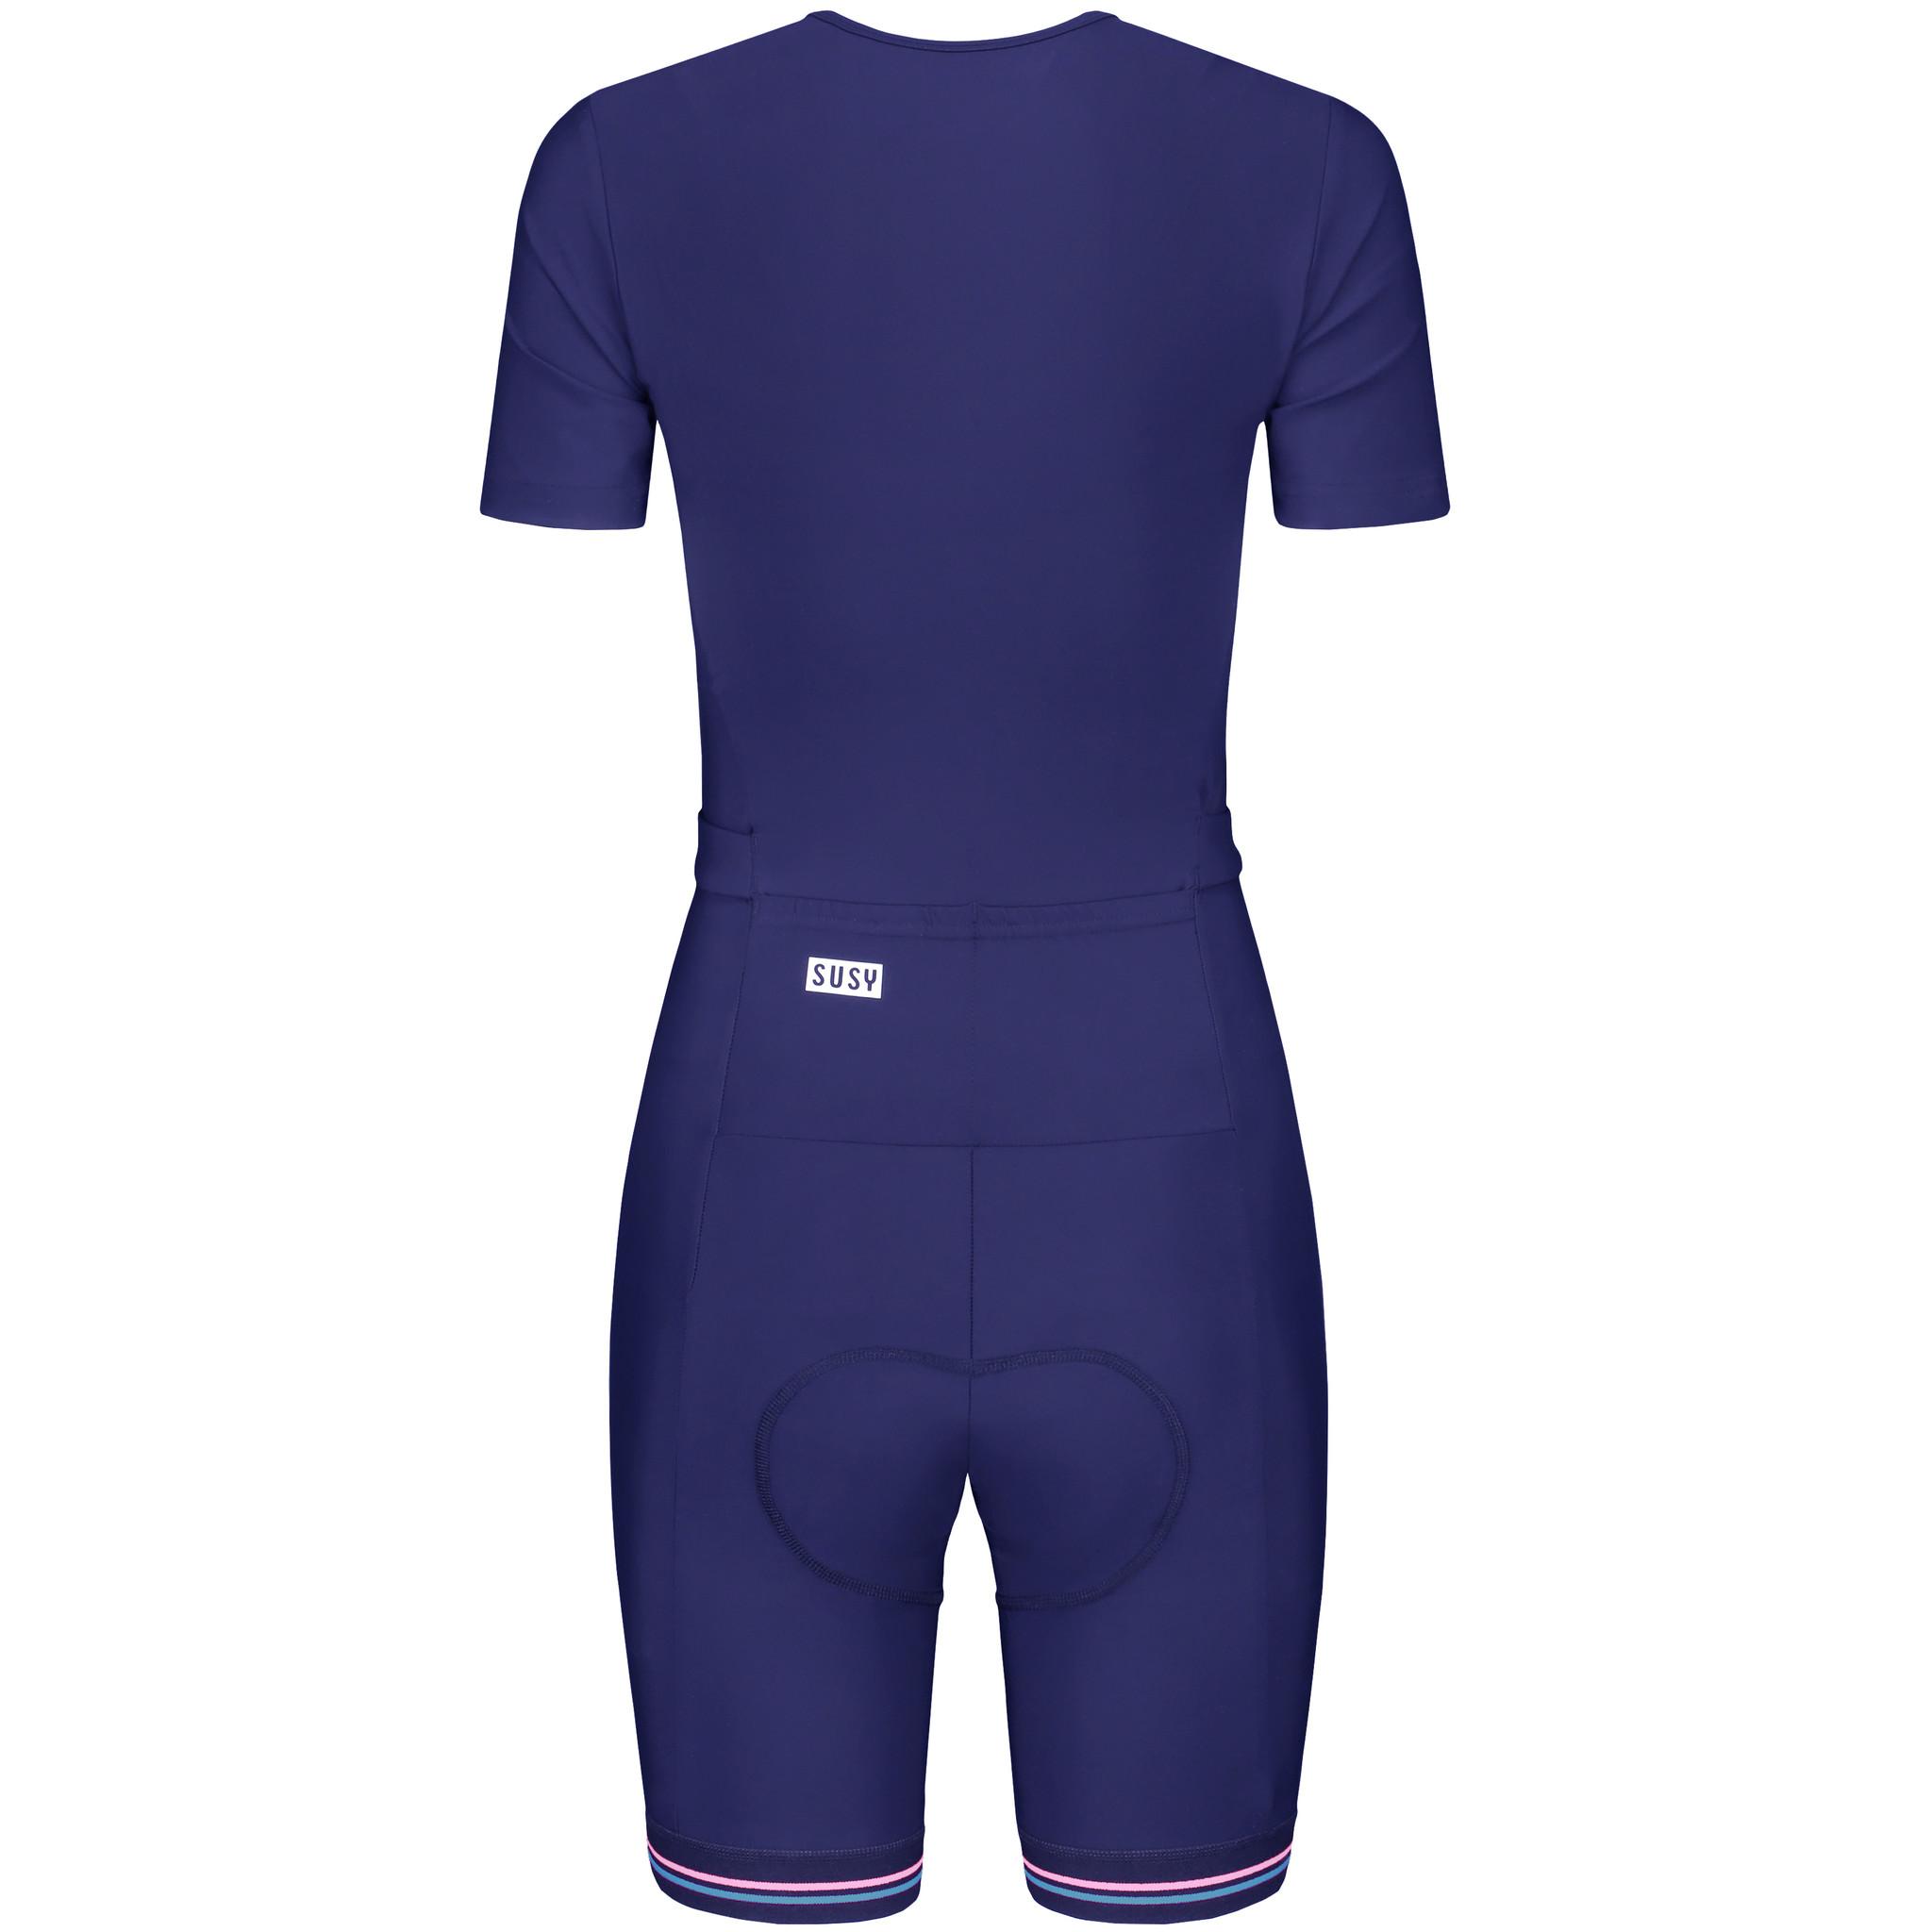 Combinaison cycliste pour la Femme - Bleu Marin